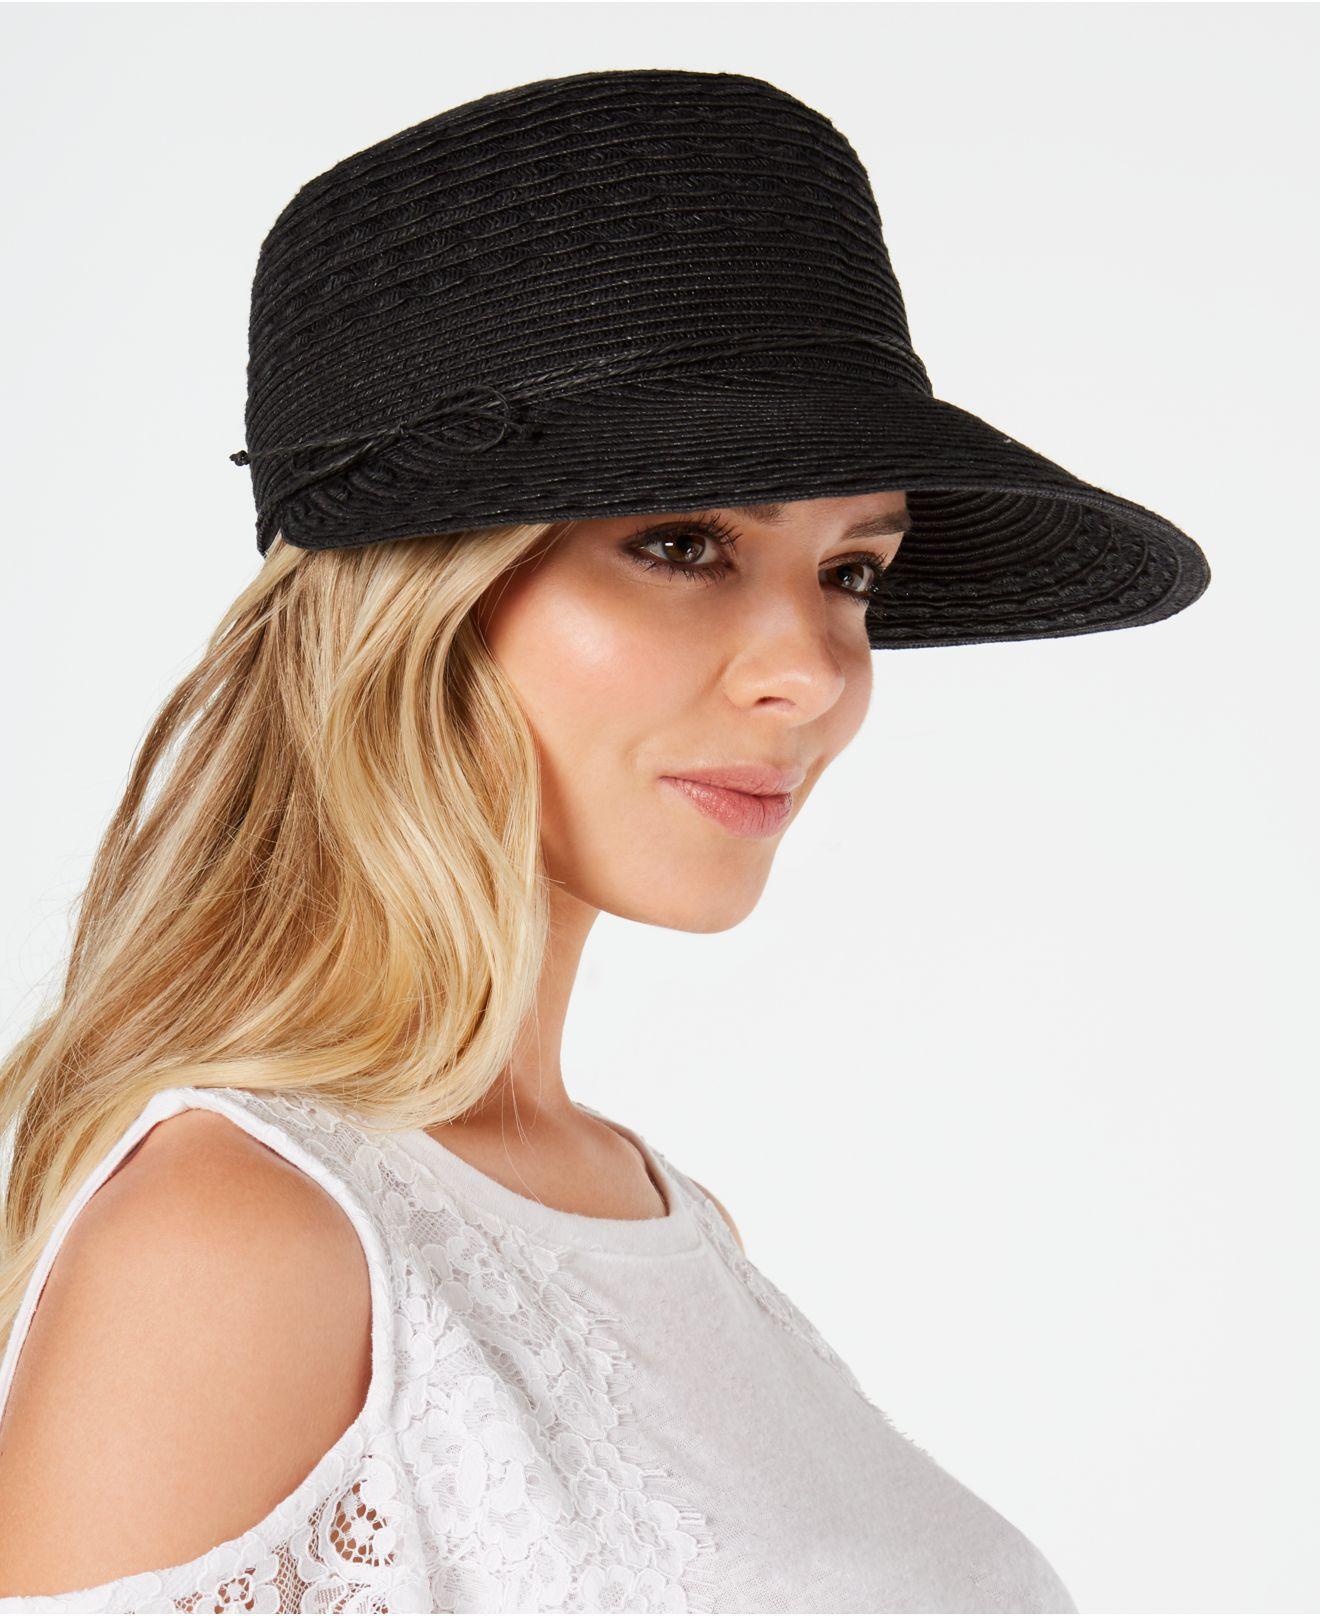 7b7d1a1a2 Women's Black Packable Framer Hat